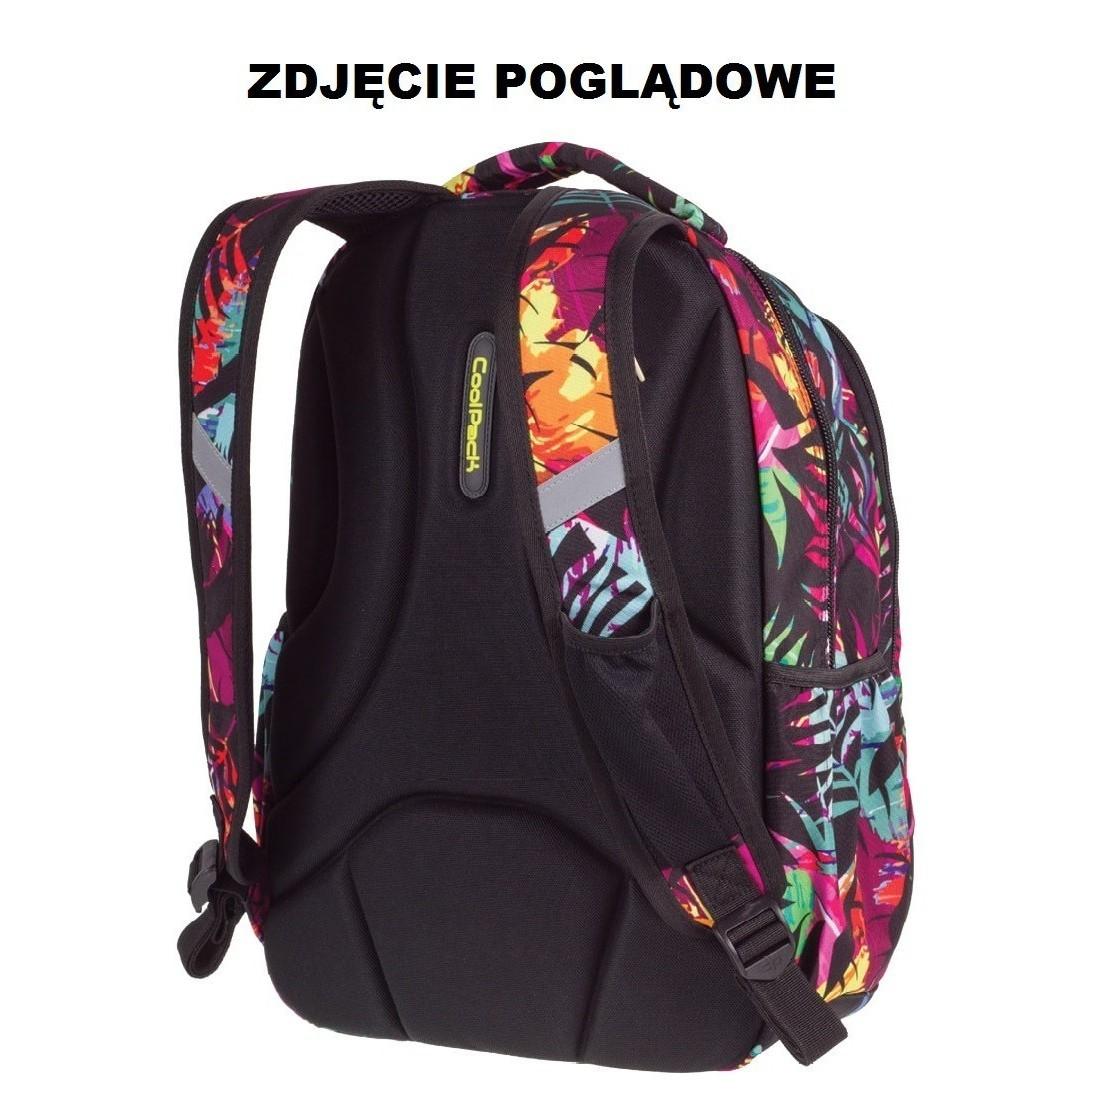 a8138b3df1209 ... Plecak młodzieżowy CoolPack CP STRIKE BOHO ELECTRA 781 Aztec Boho